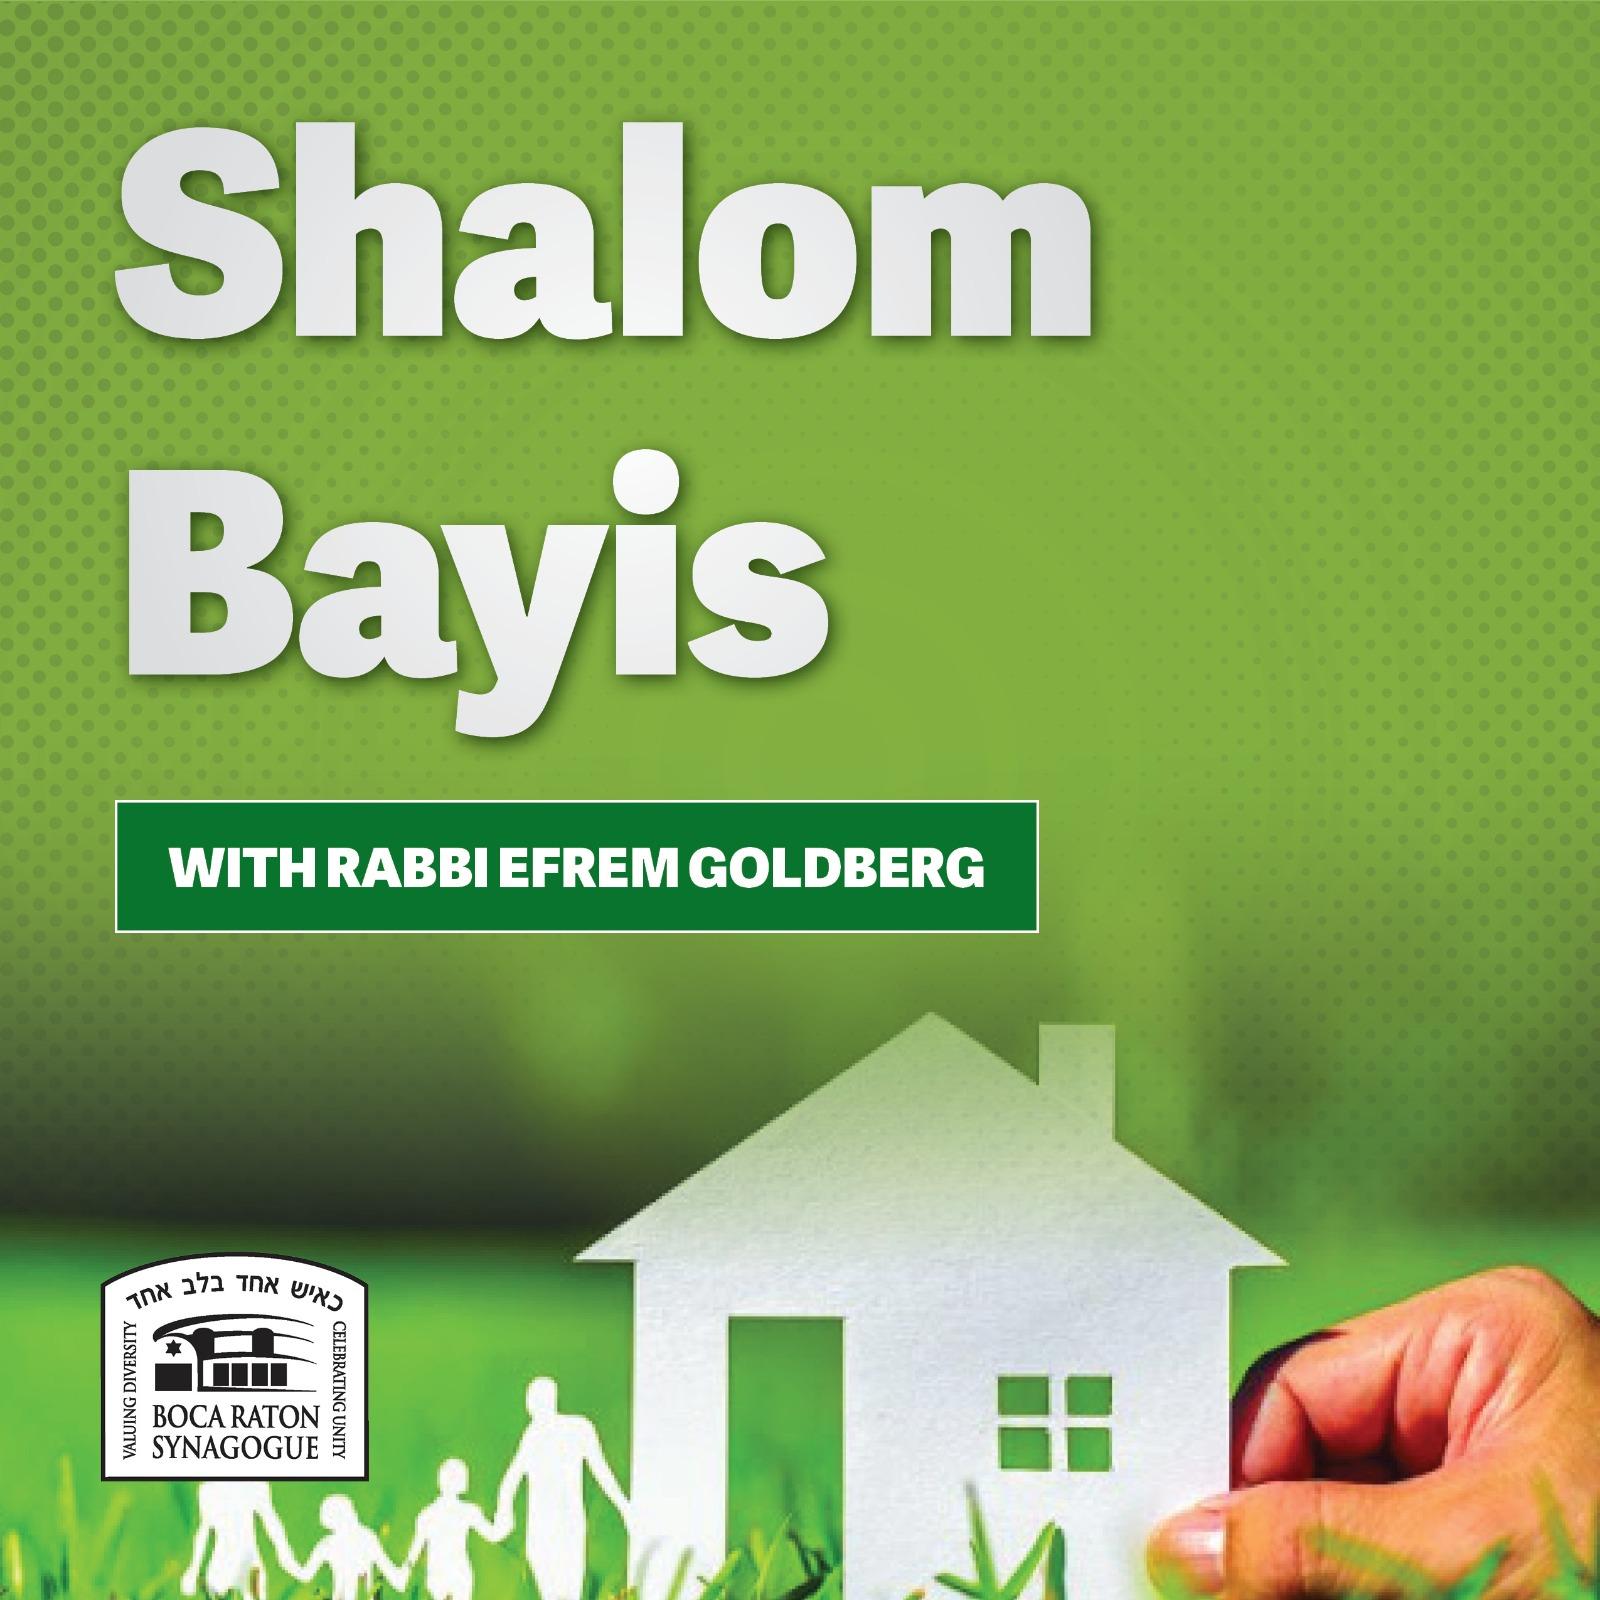 Listen: Shalom Bayis